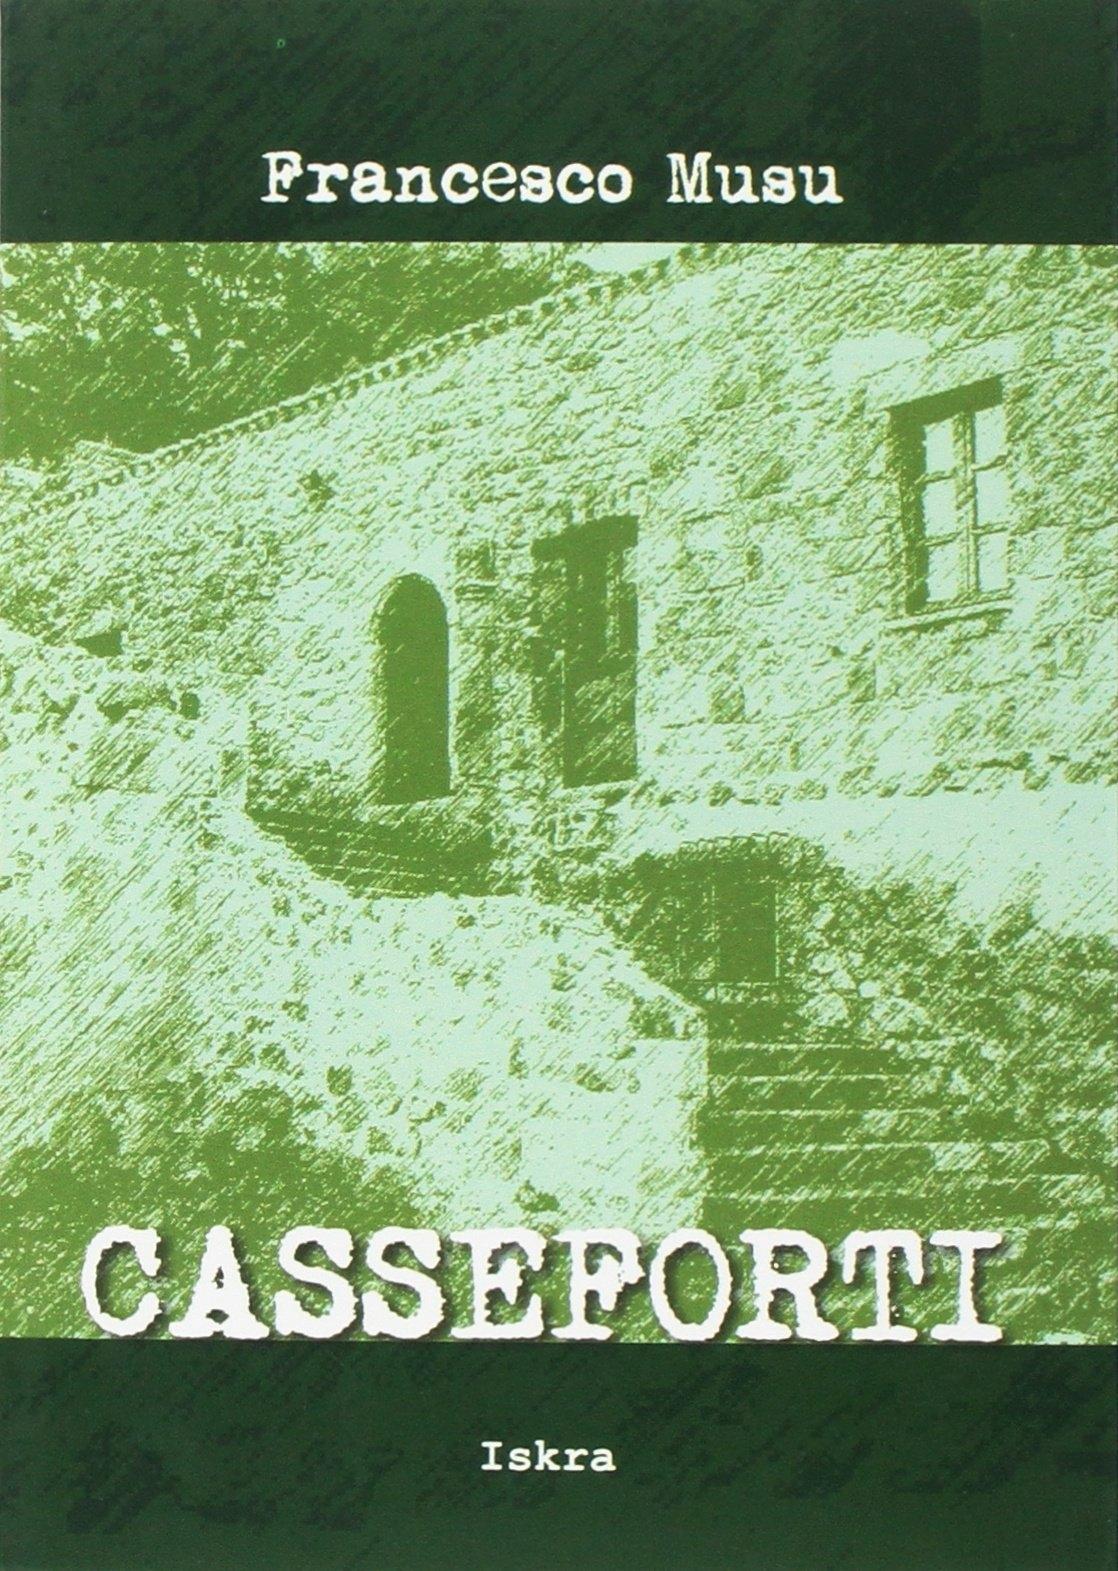 Casseforti.